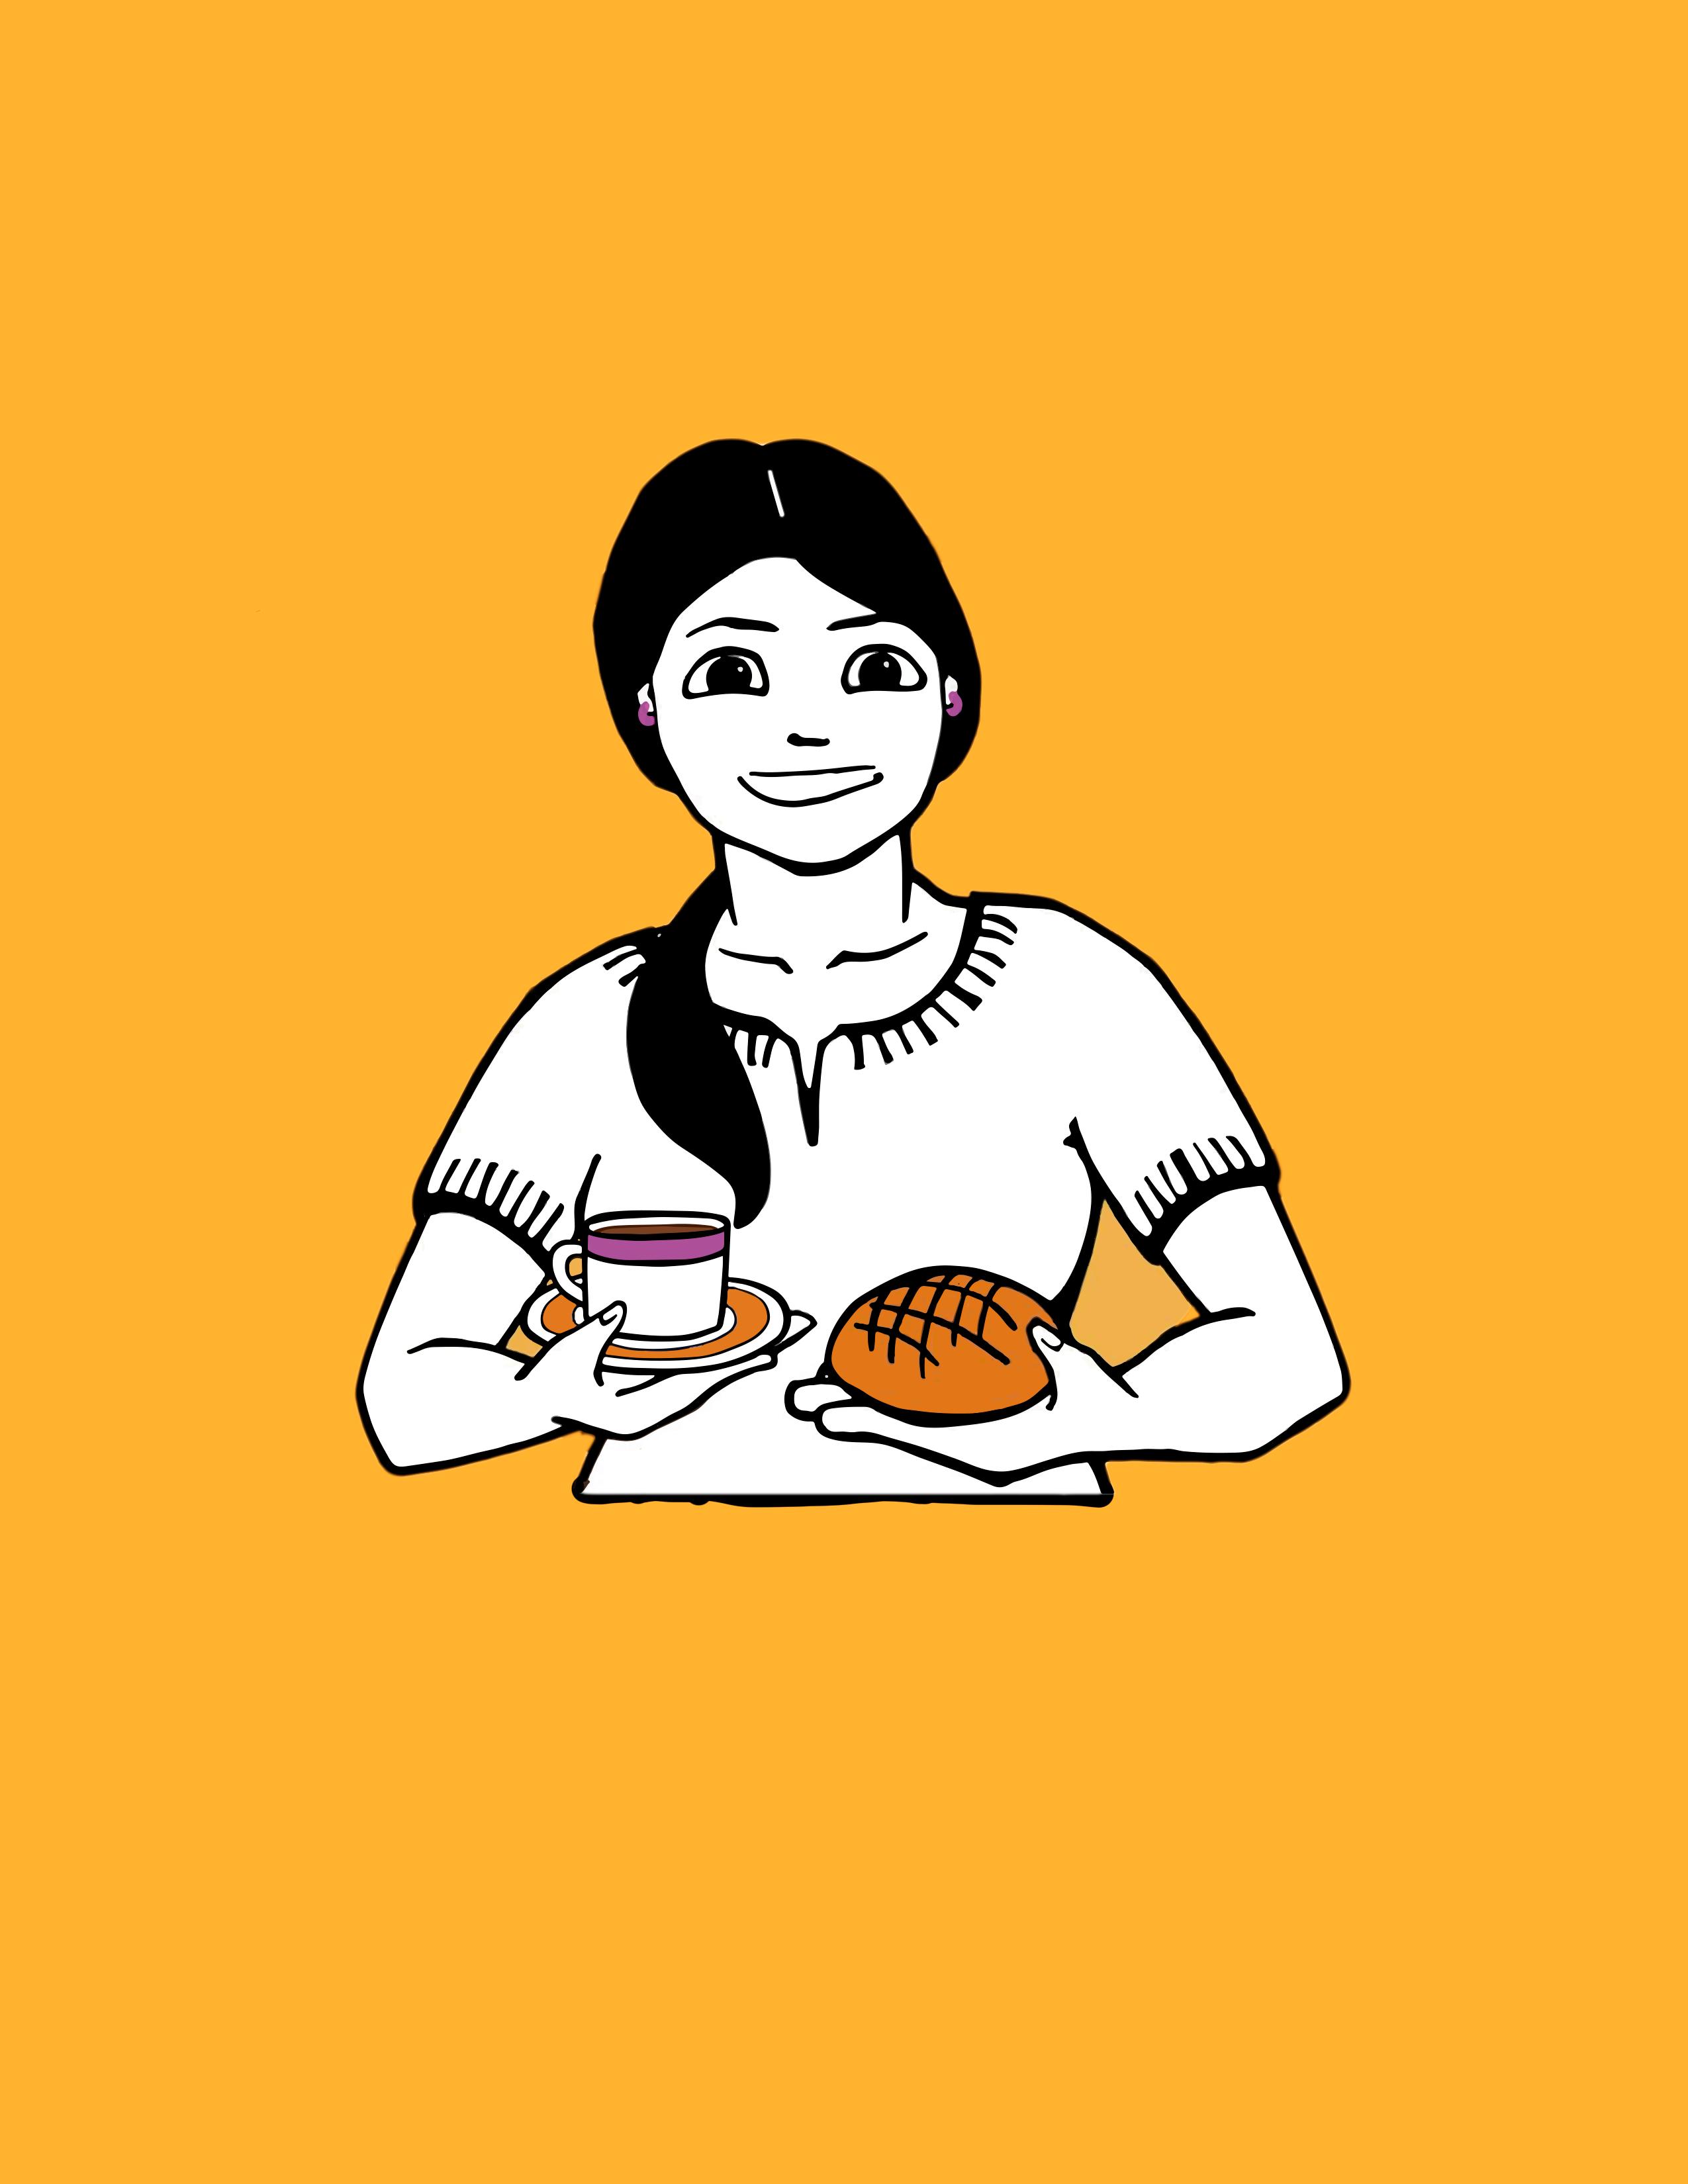 Delicia - Panadería Artesanal